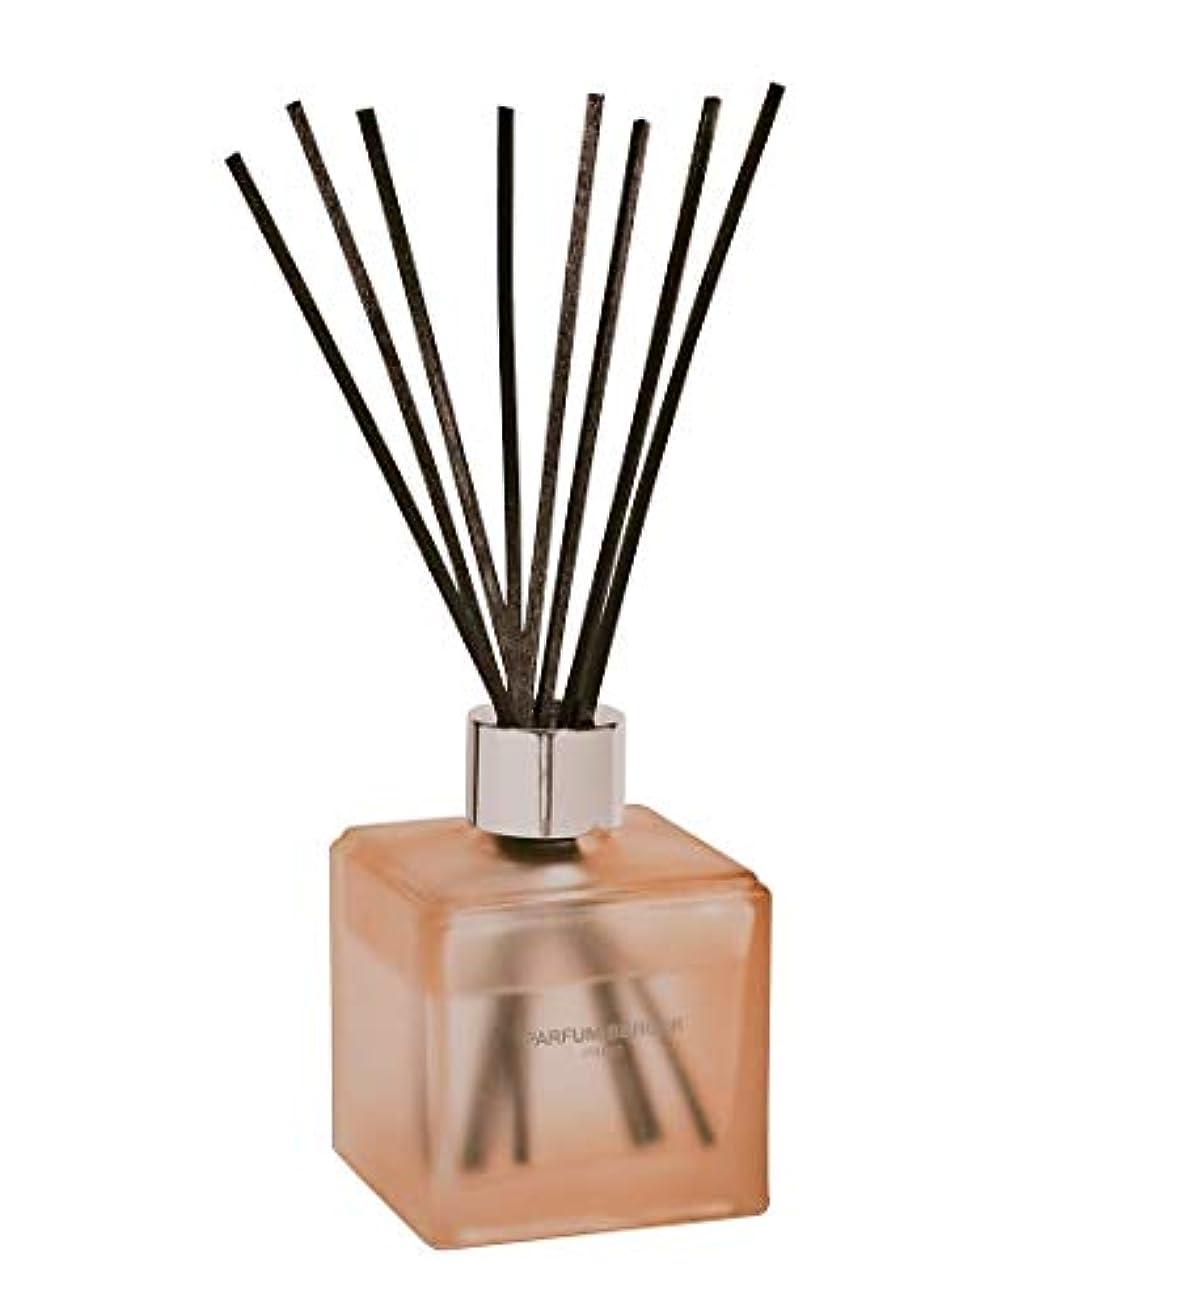 安全性の量補体ランプベルジェ Functional Cube Scented Bouquet - Neutralize Pet Smells (Floral and Zesty) 125ml/4.2oz並行輸入品